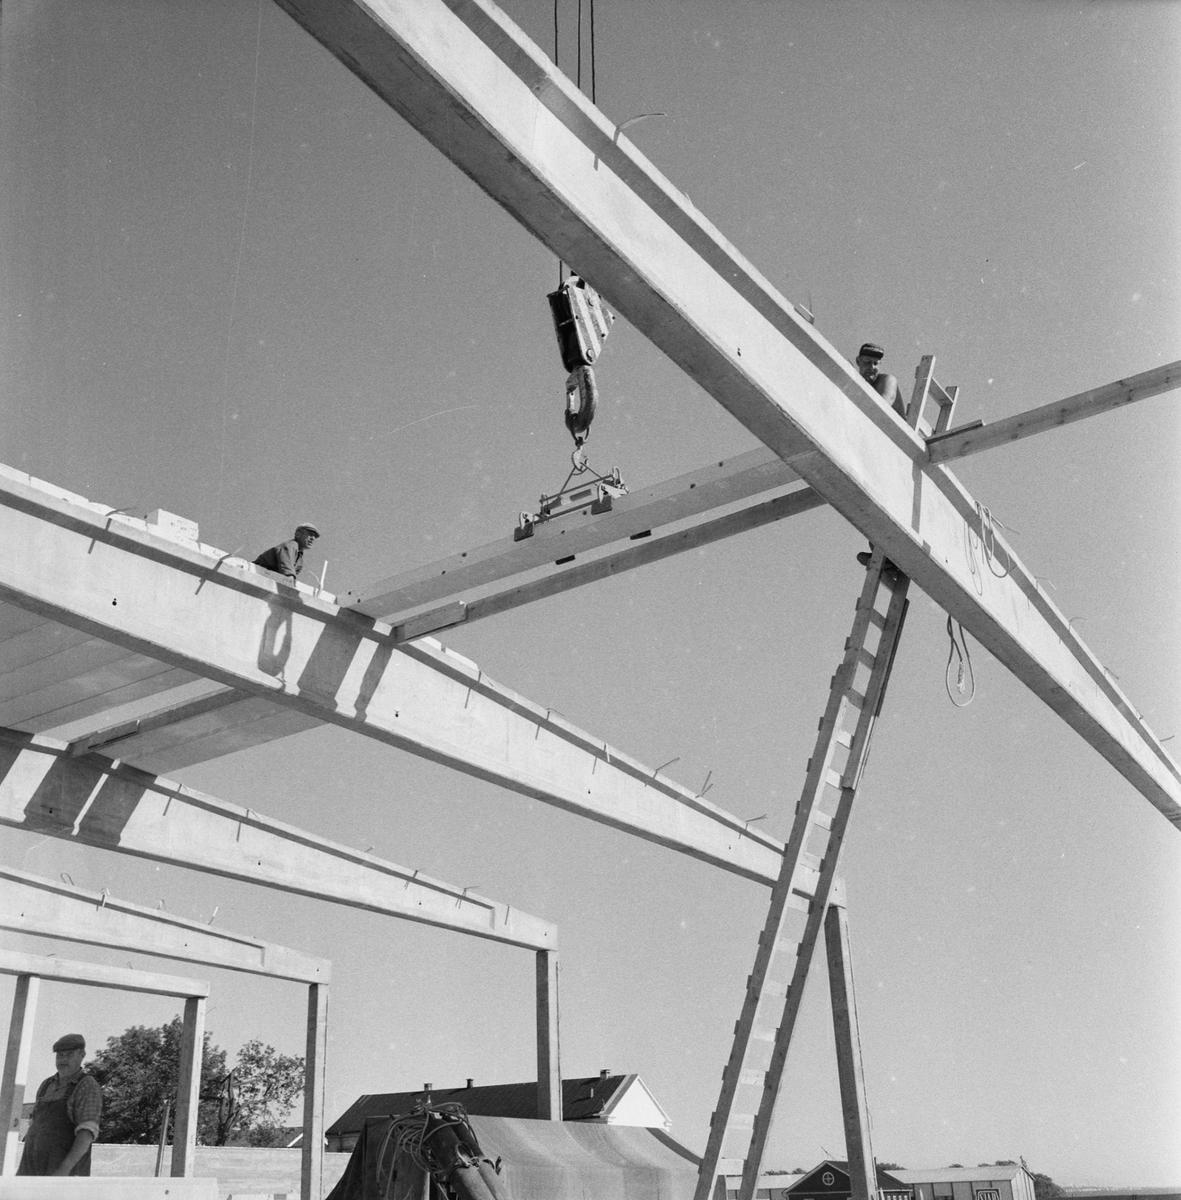 Övrigt: Fotodatum:18/7 1962. Byggnader och Kranar. Nybyggnations område. Kraftcentralen och Plåtverkstan